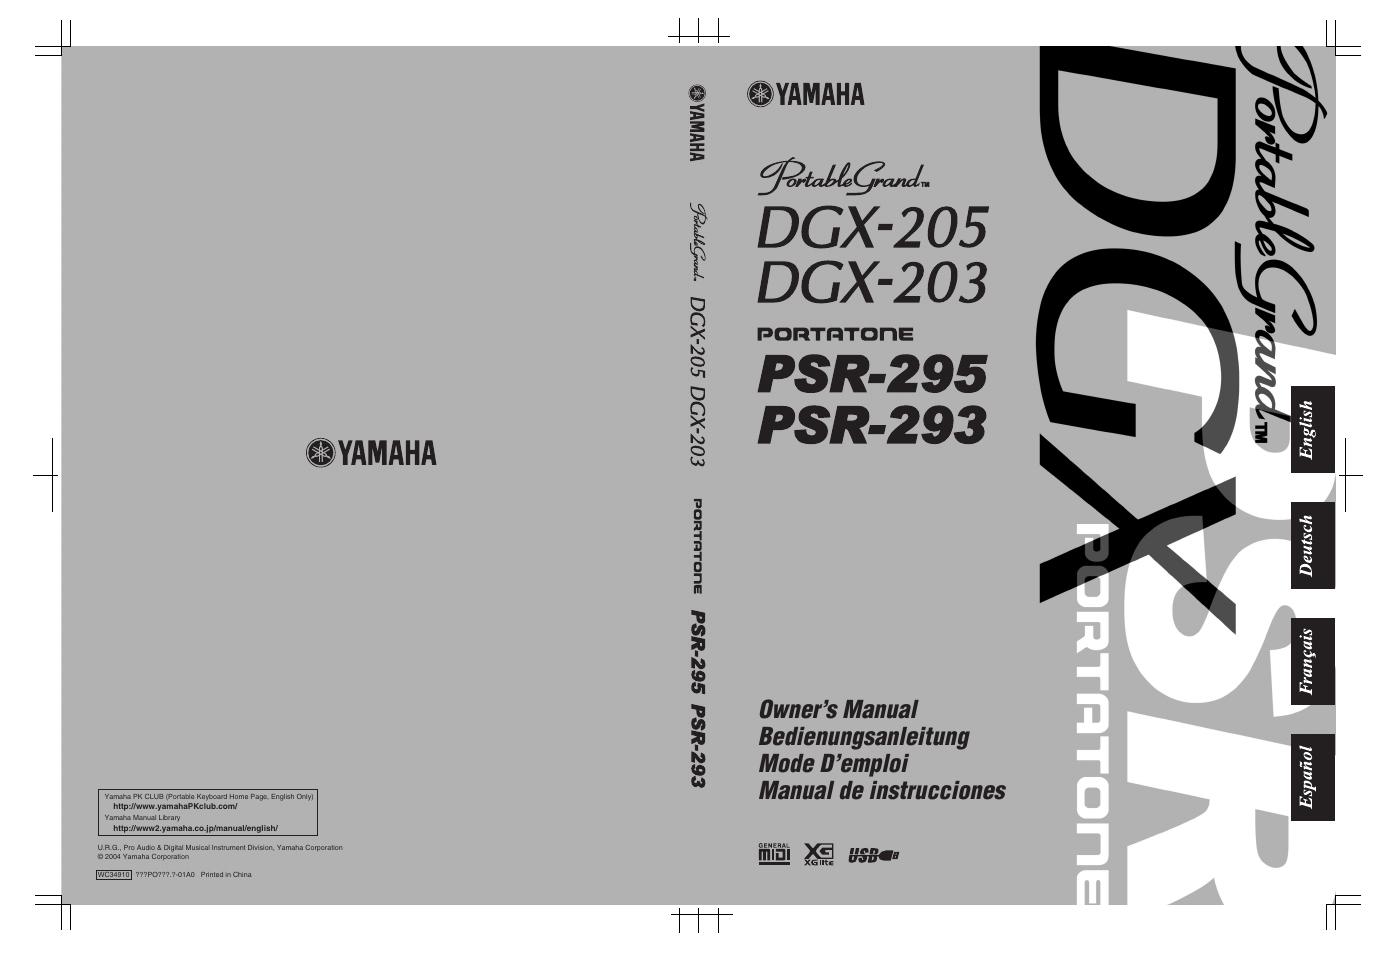 Yamaha Psr User Manual